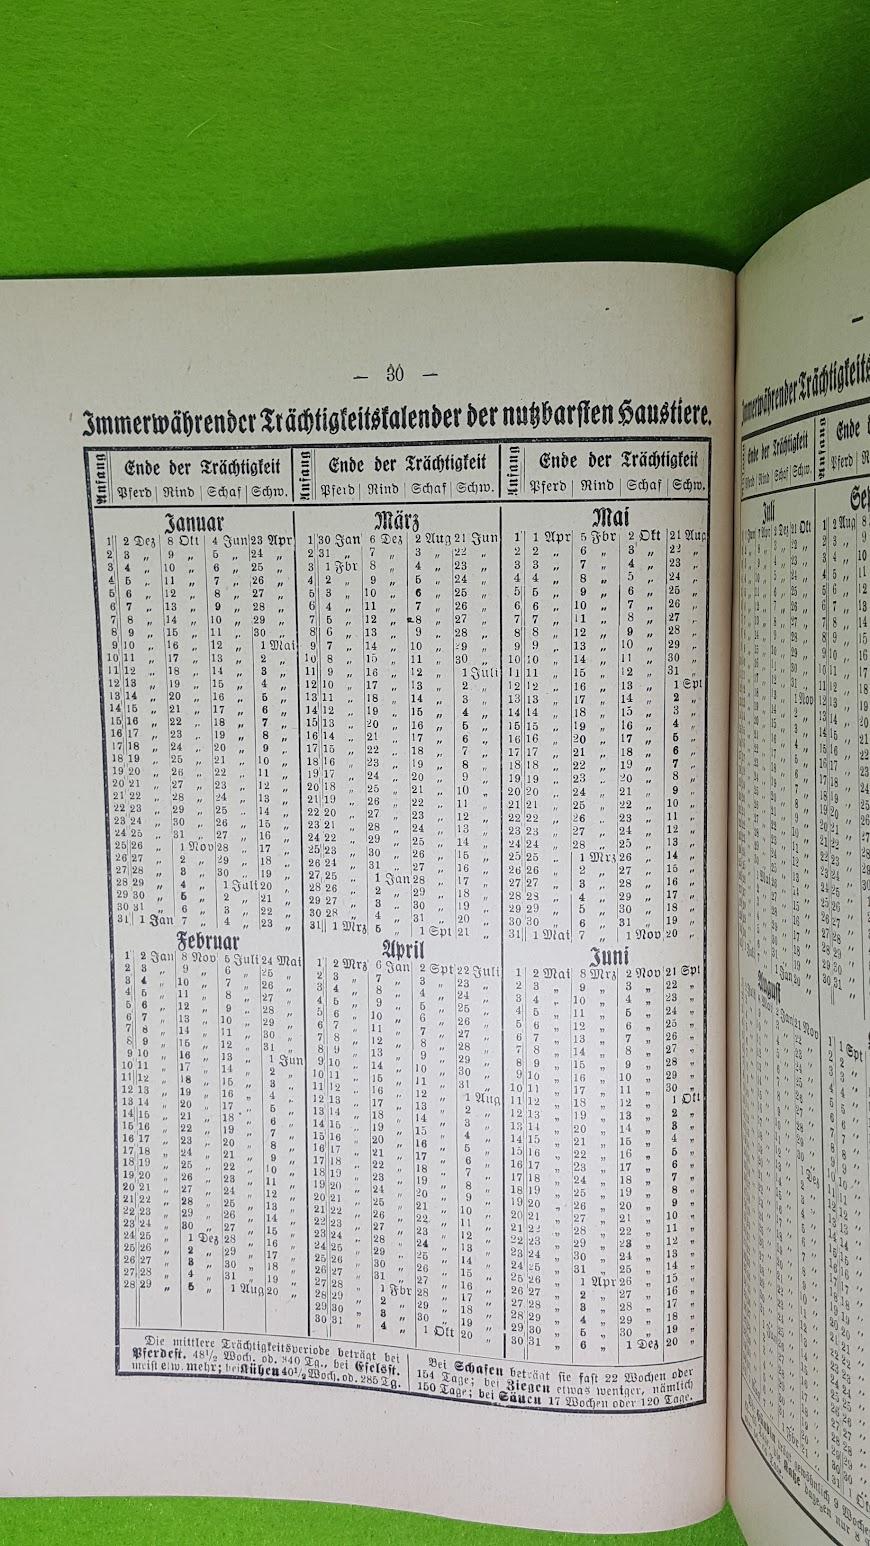 Köhler's Deutscher Kalender 1934 - Trächtigkeitskalender